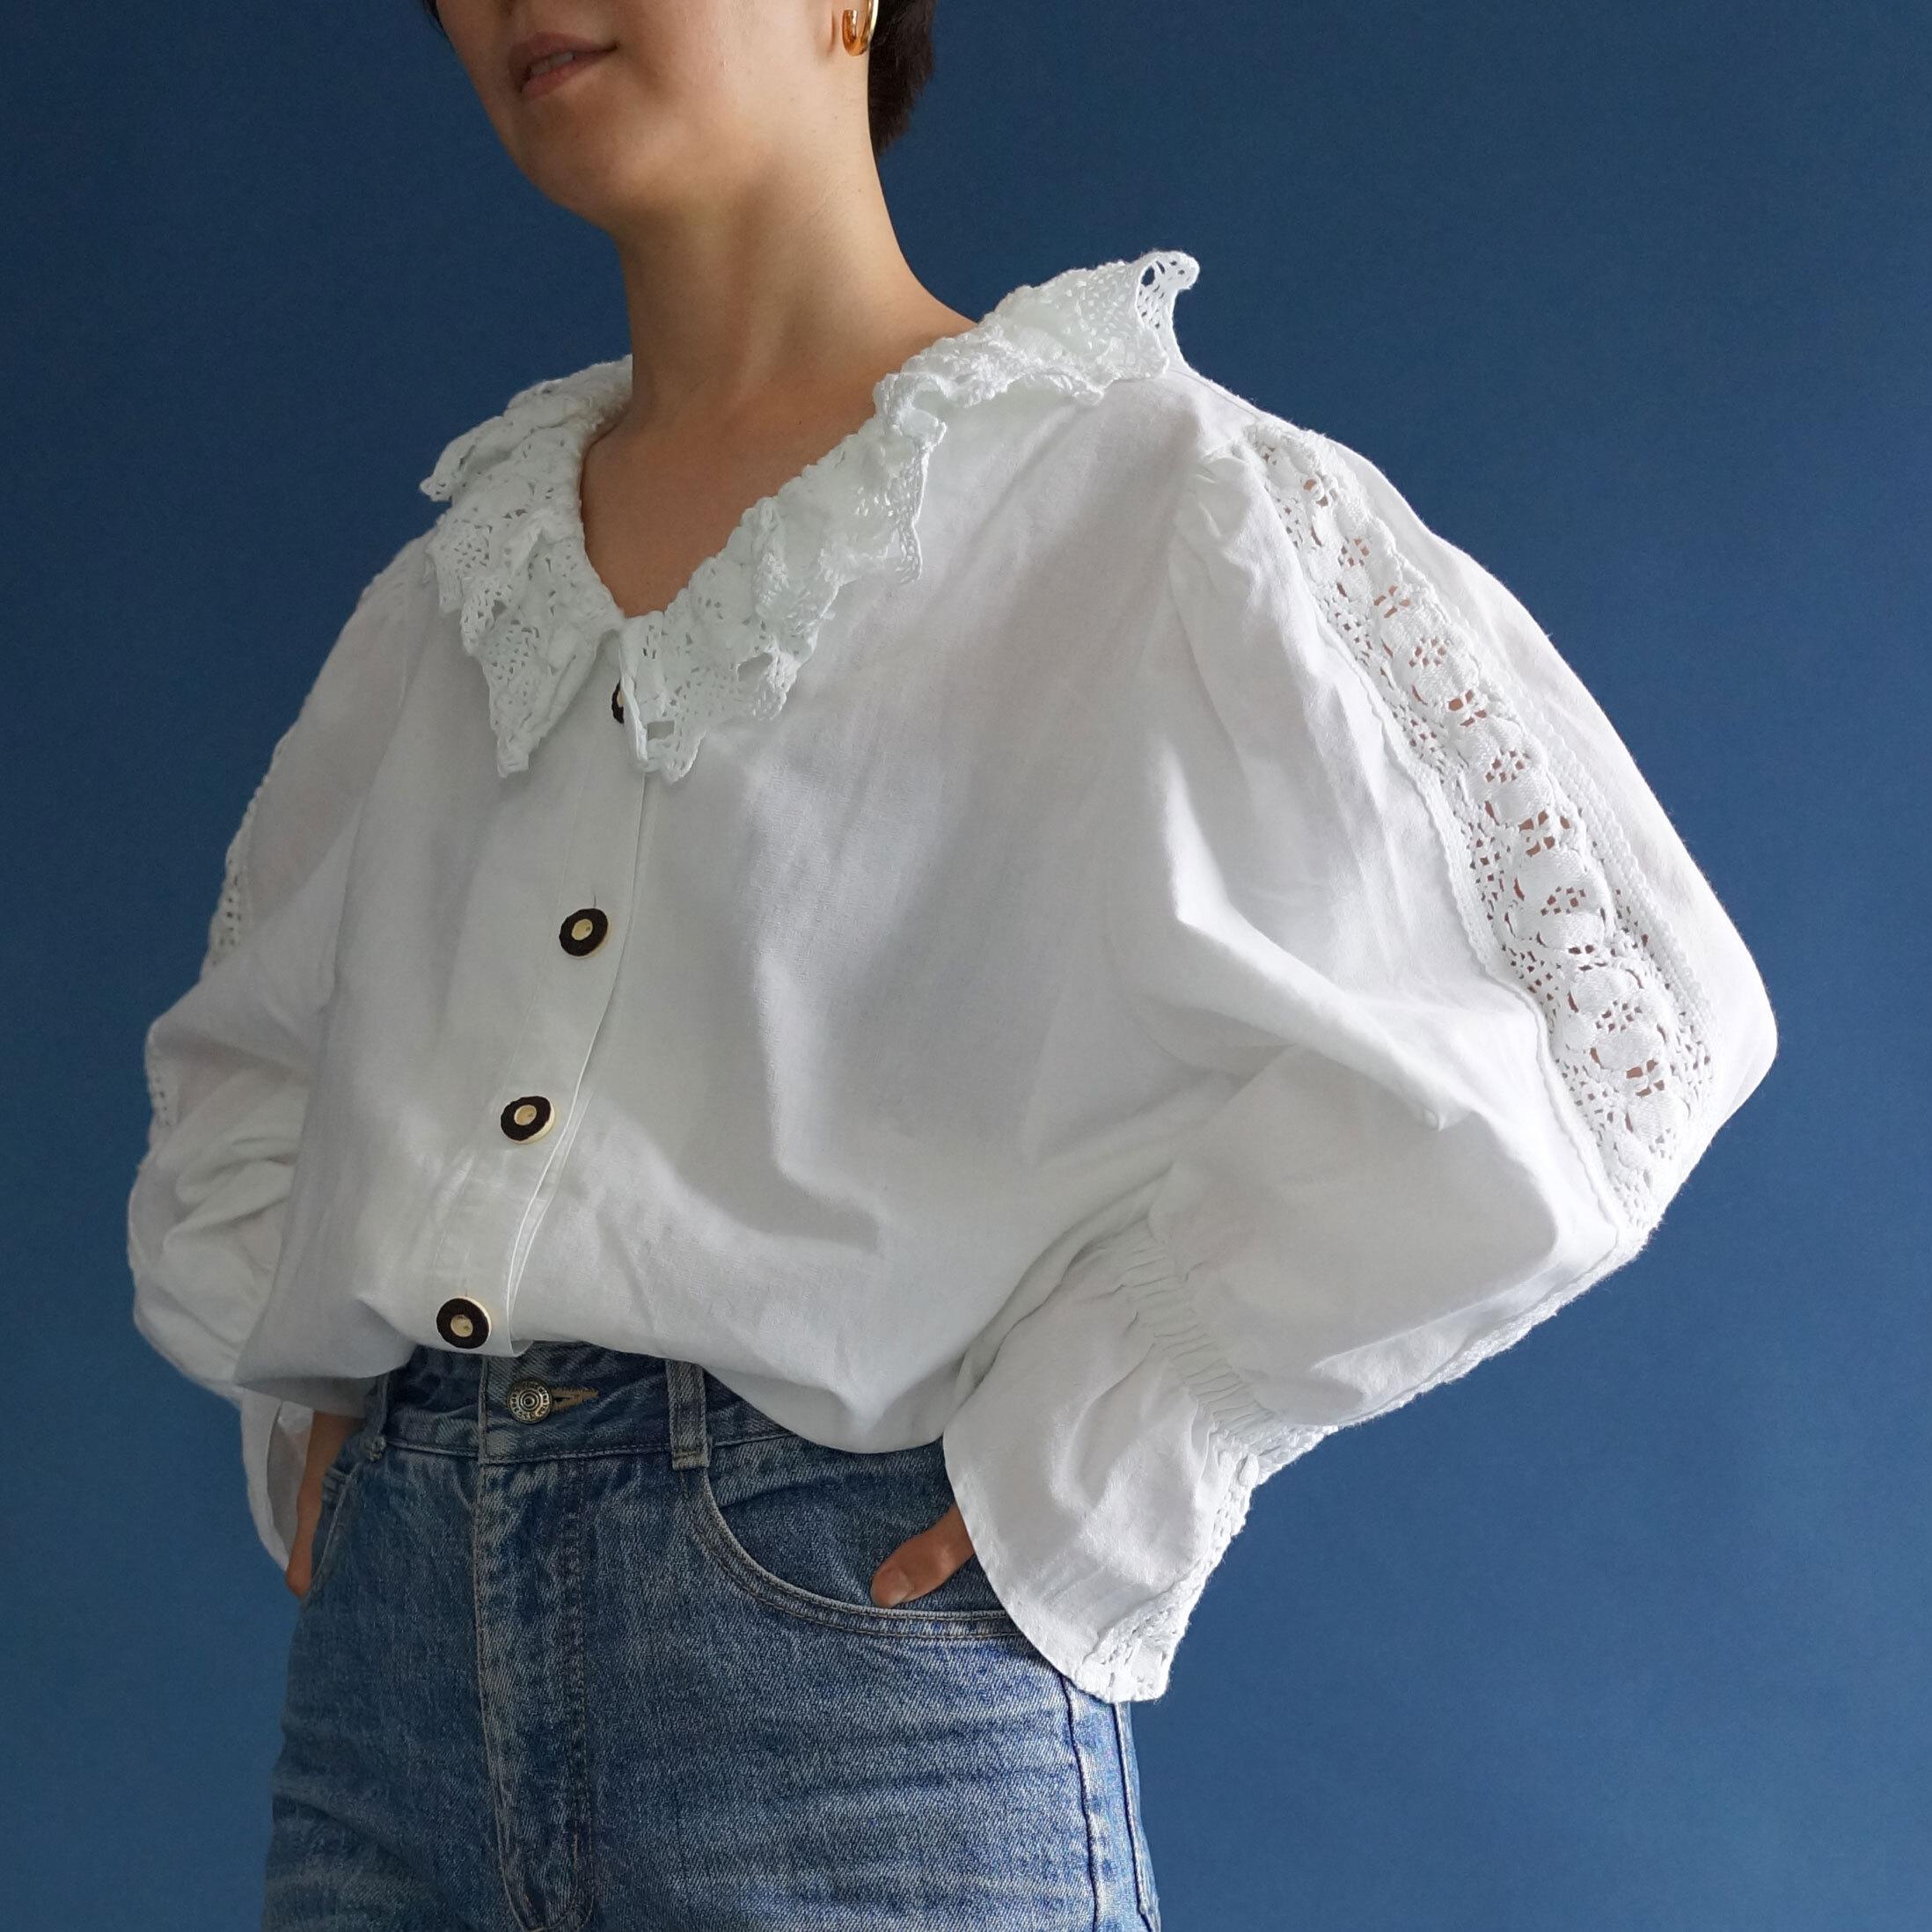 【送料無料】 80's Vintage Cotton Folk Ruffle Frilly Blouse(80年代 アンティーク 古着 レース パフスリーブ ブラウス)